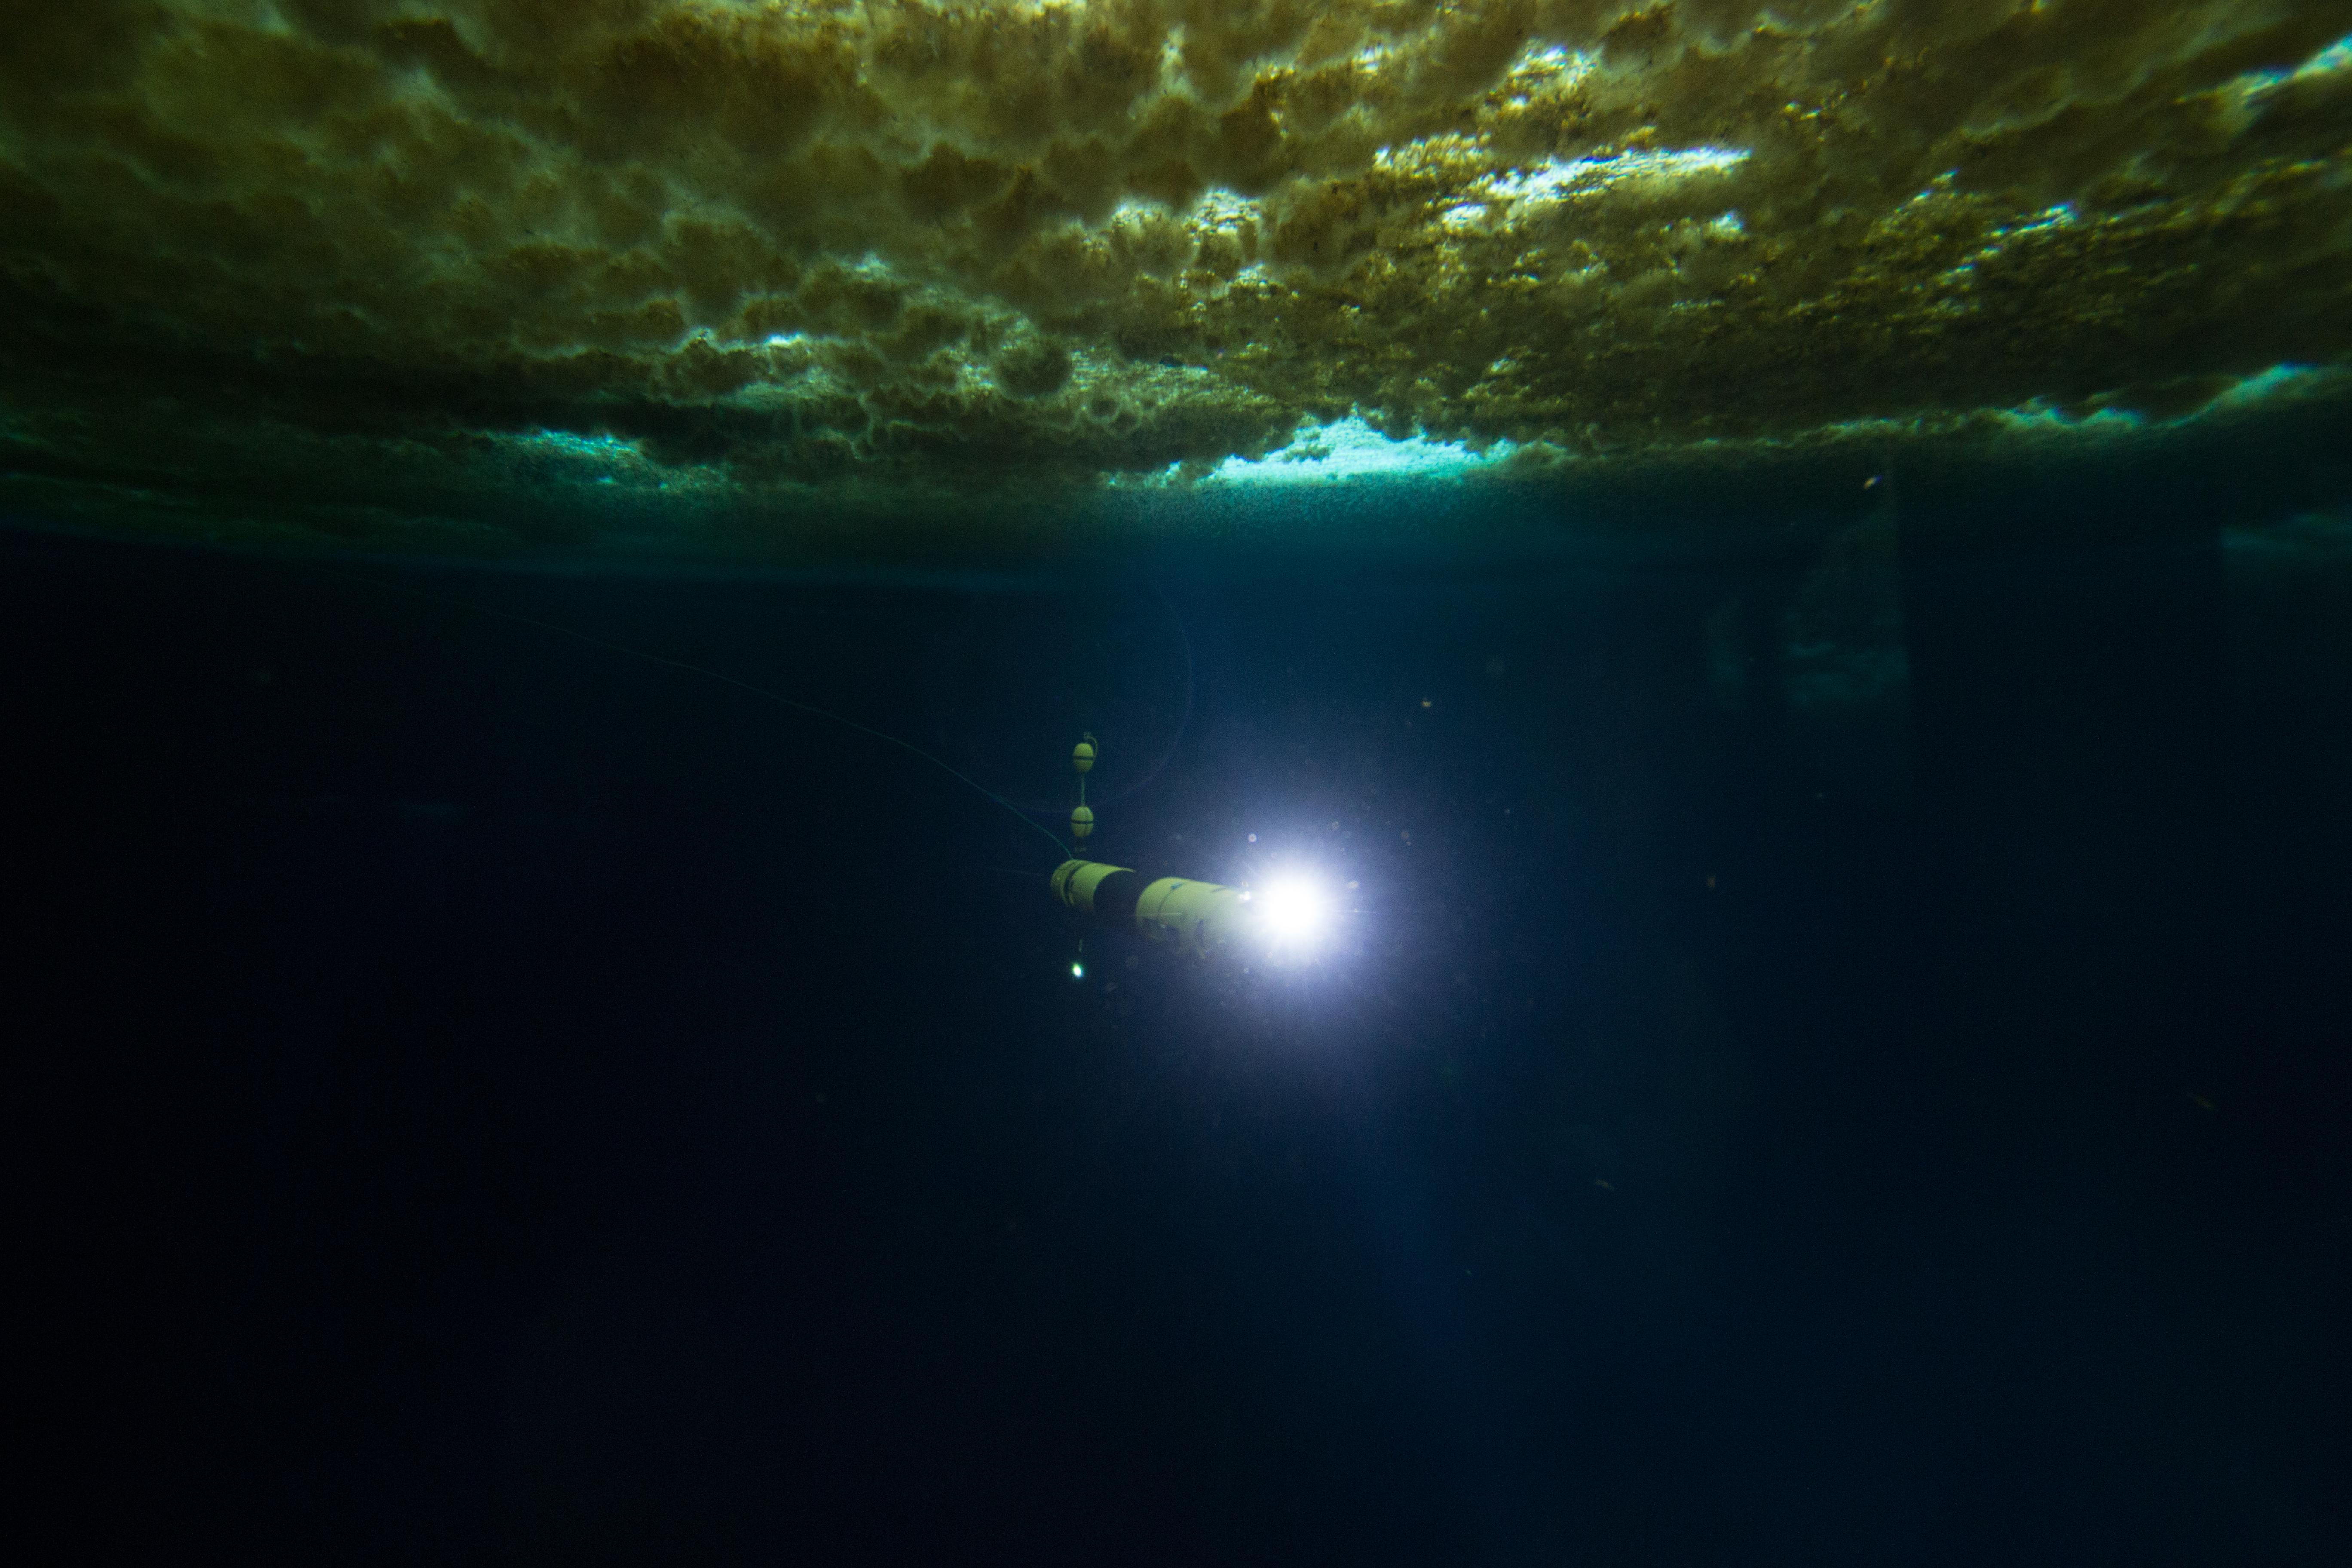 Icefin light on underwater